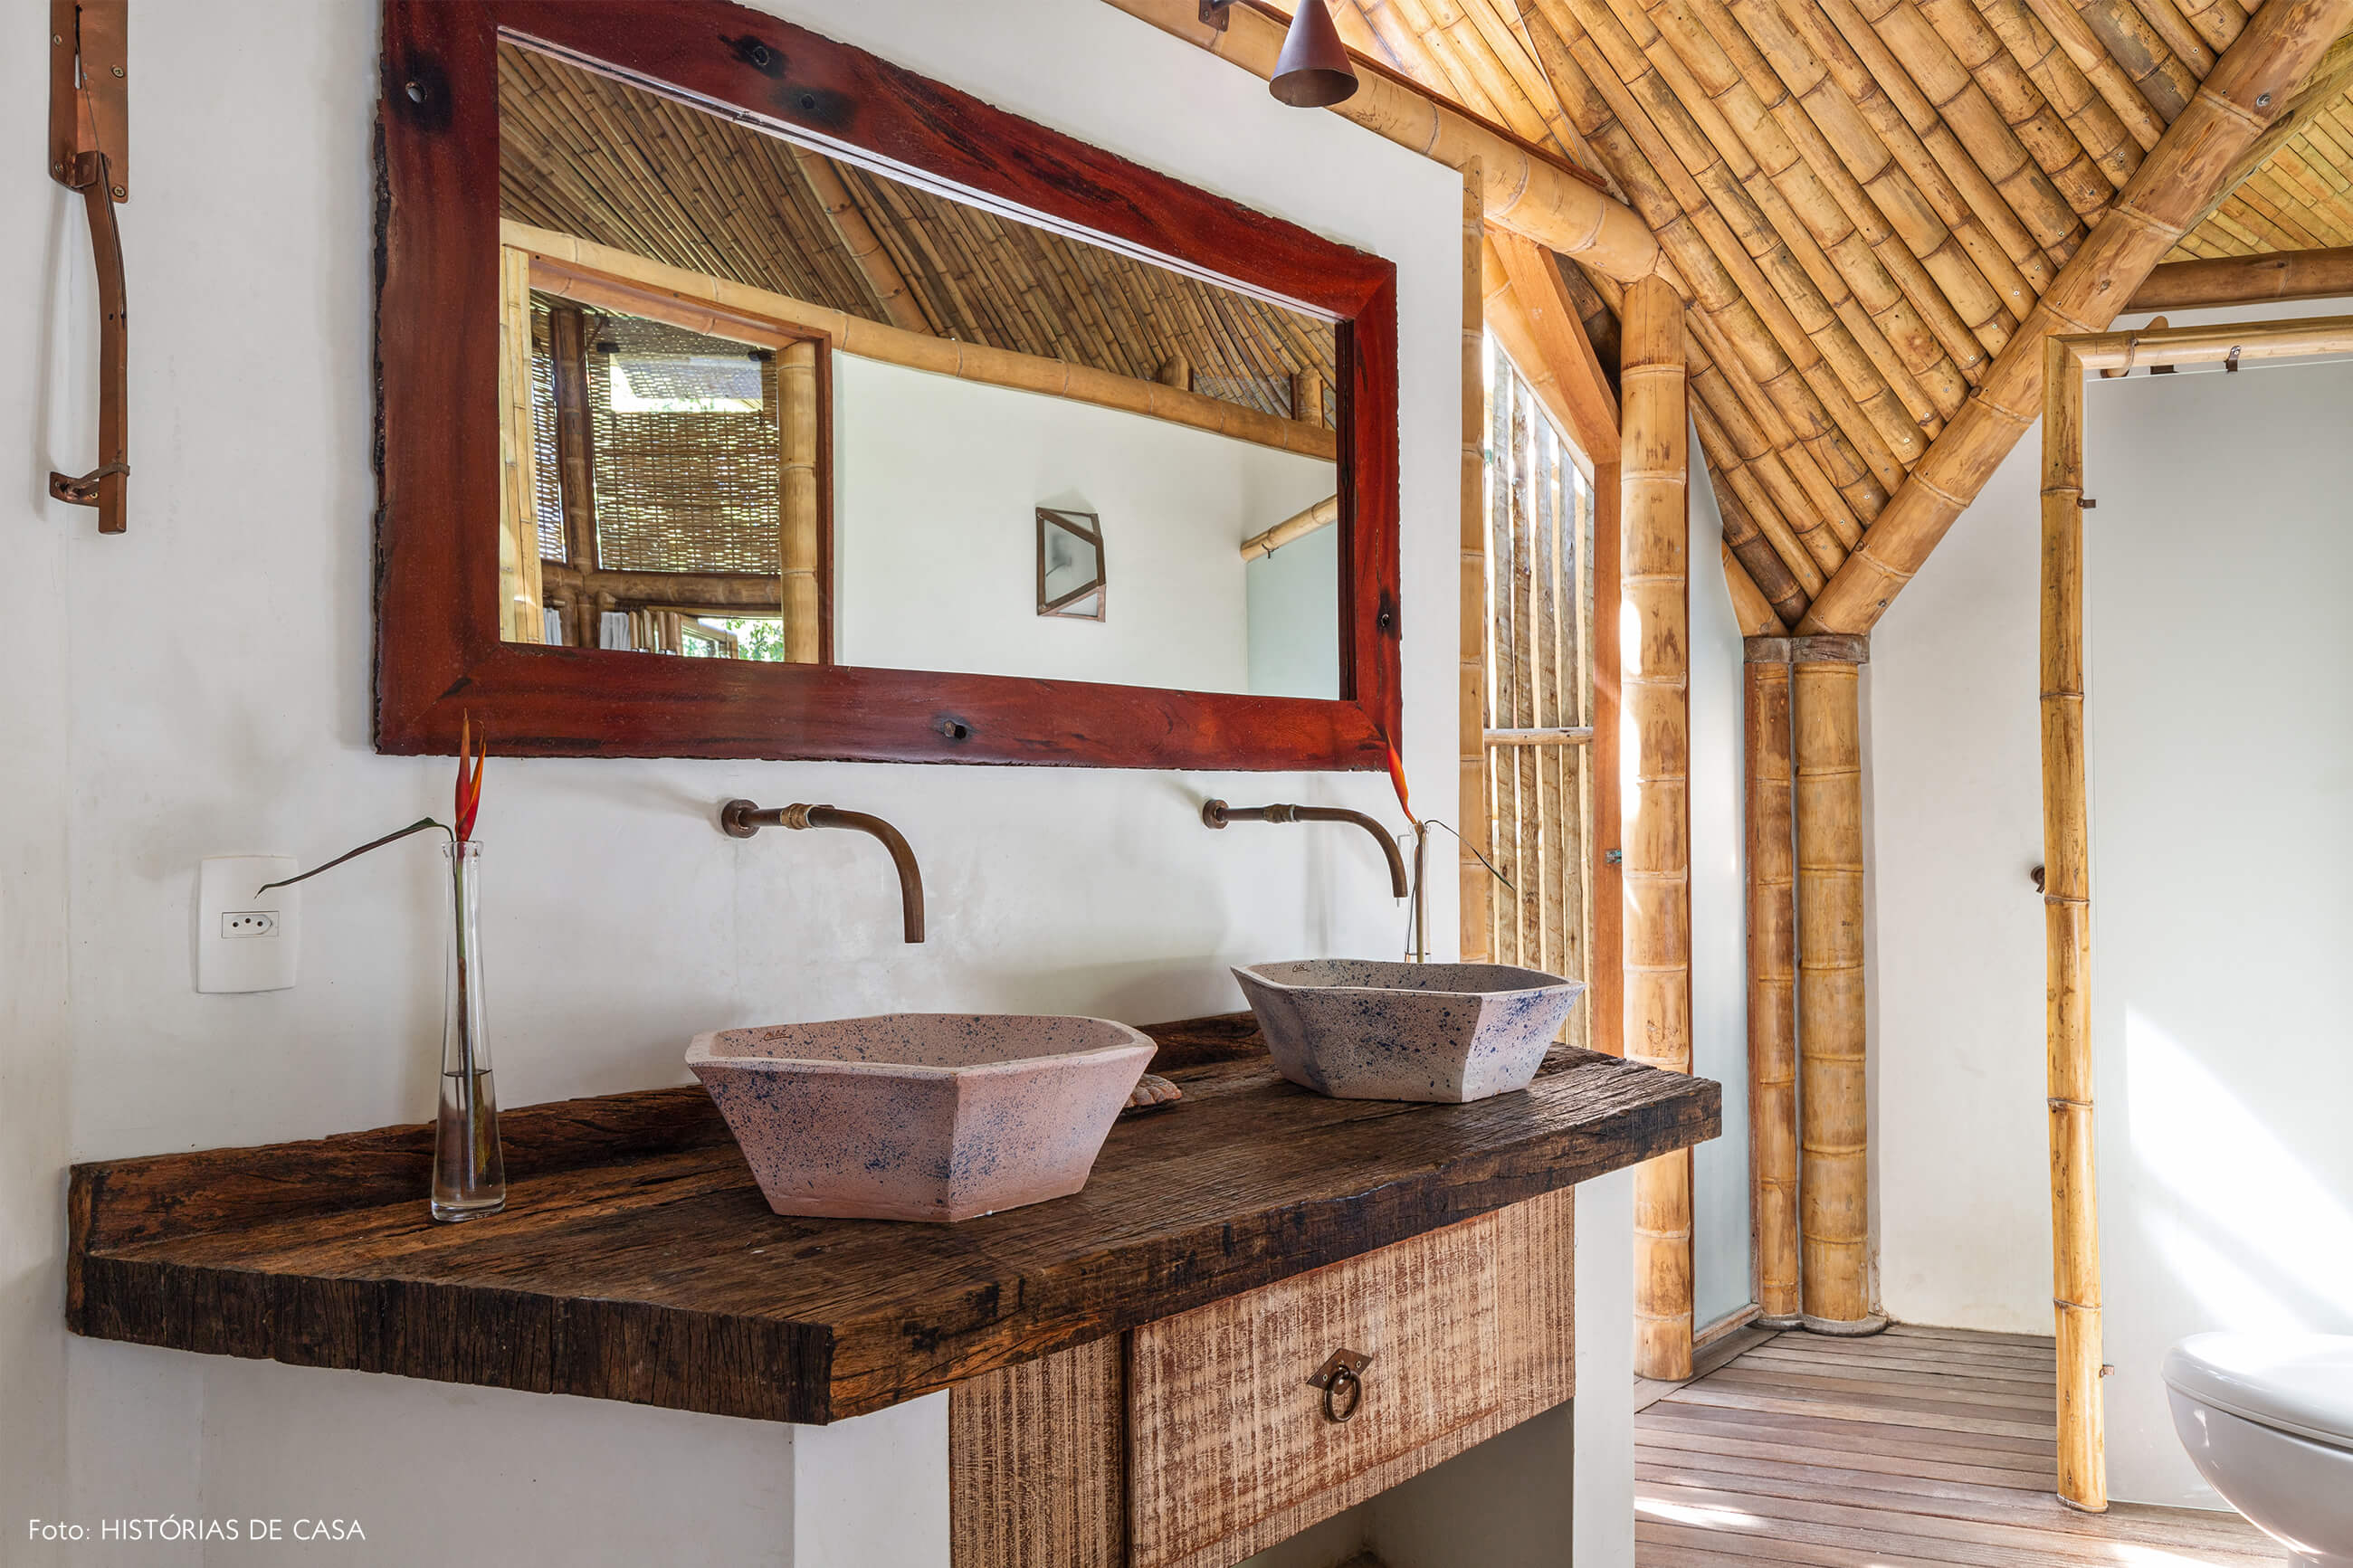 trancoso-vilasete-hotel-decoracao-65-banheiro-pia-ceramica-rosa-espelho-mesa-madeira-escura